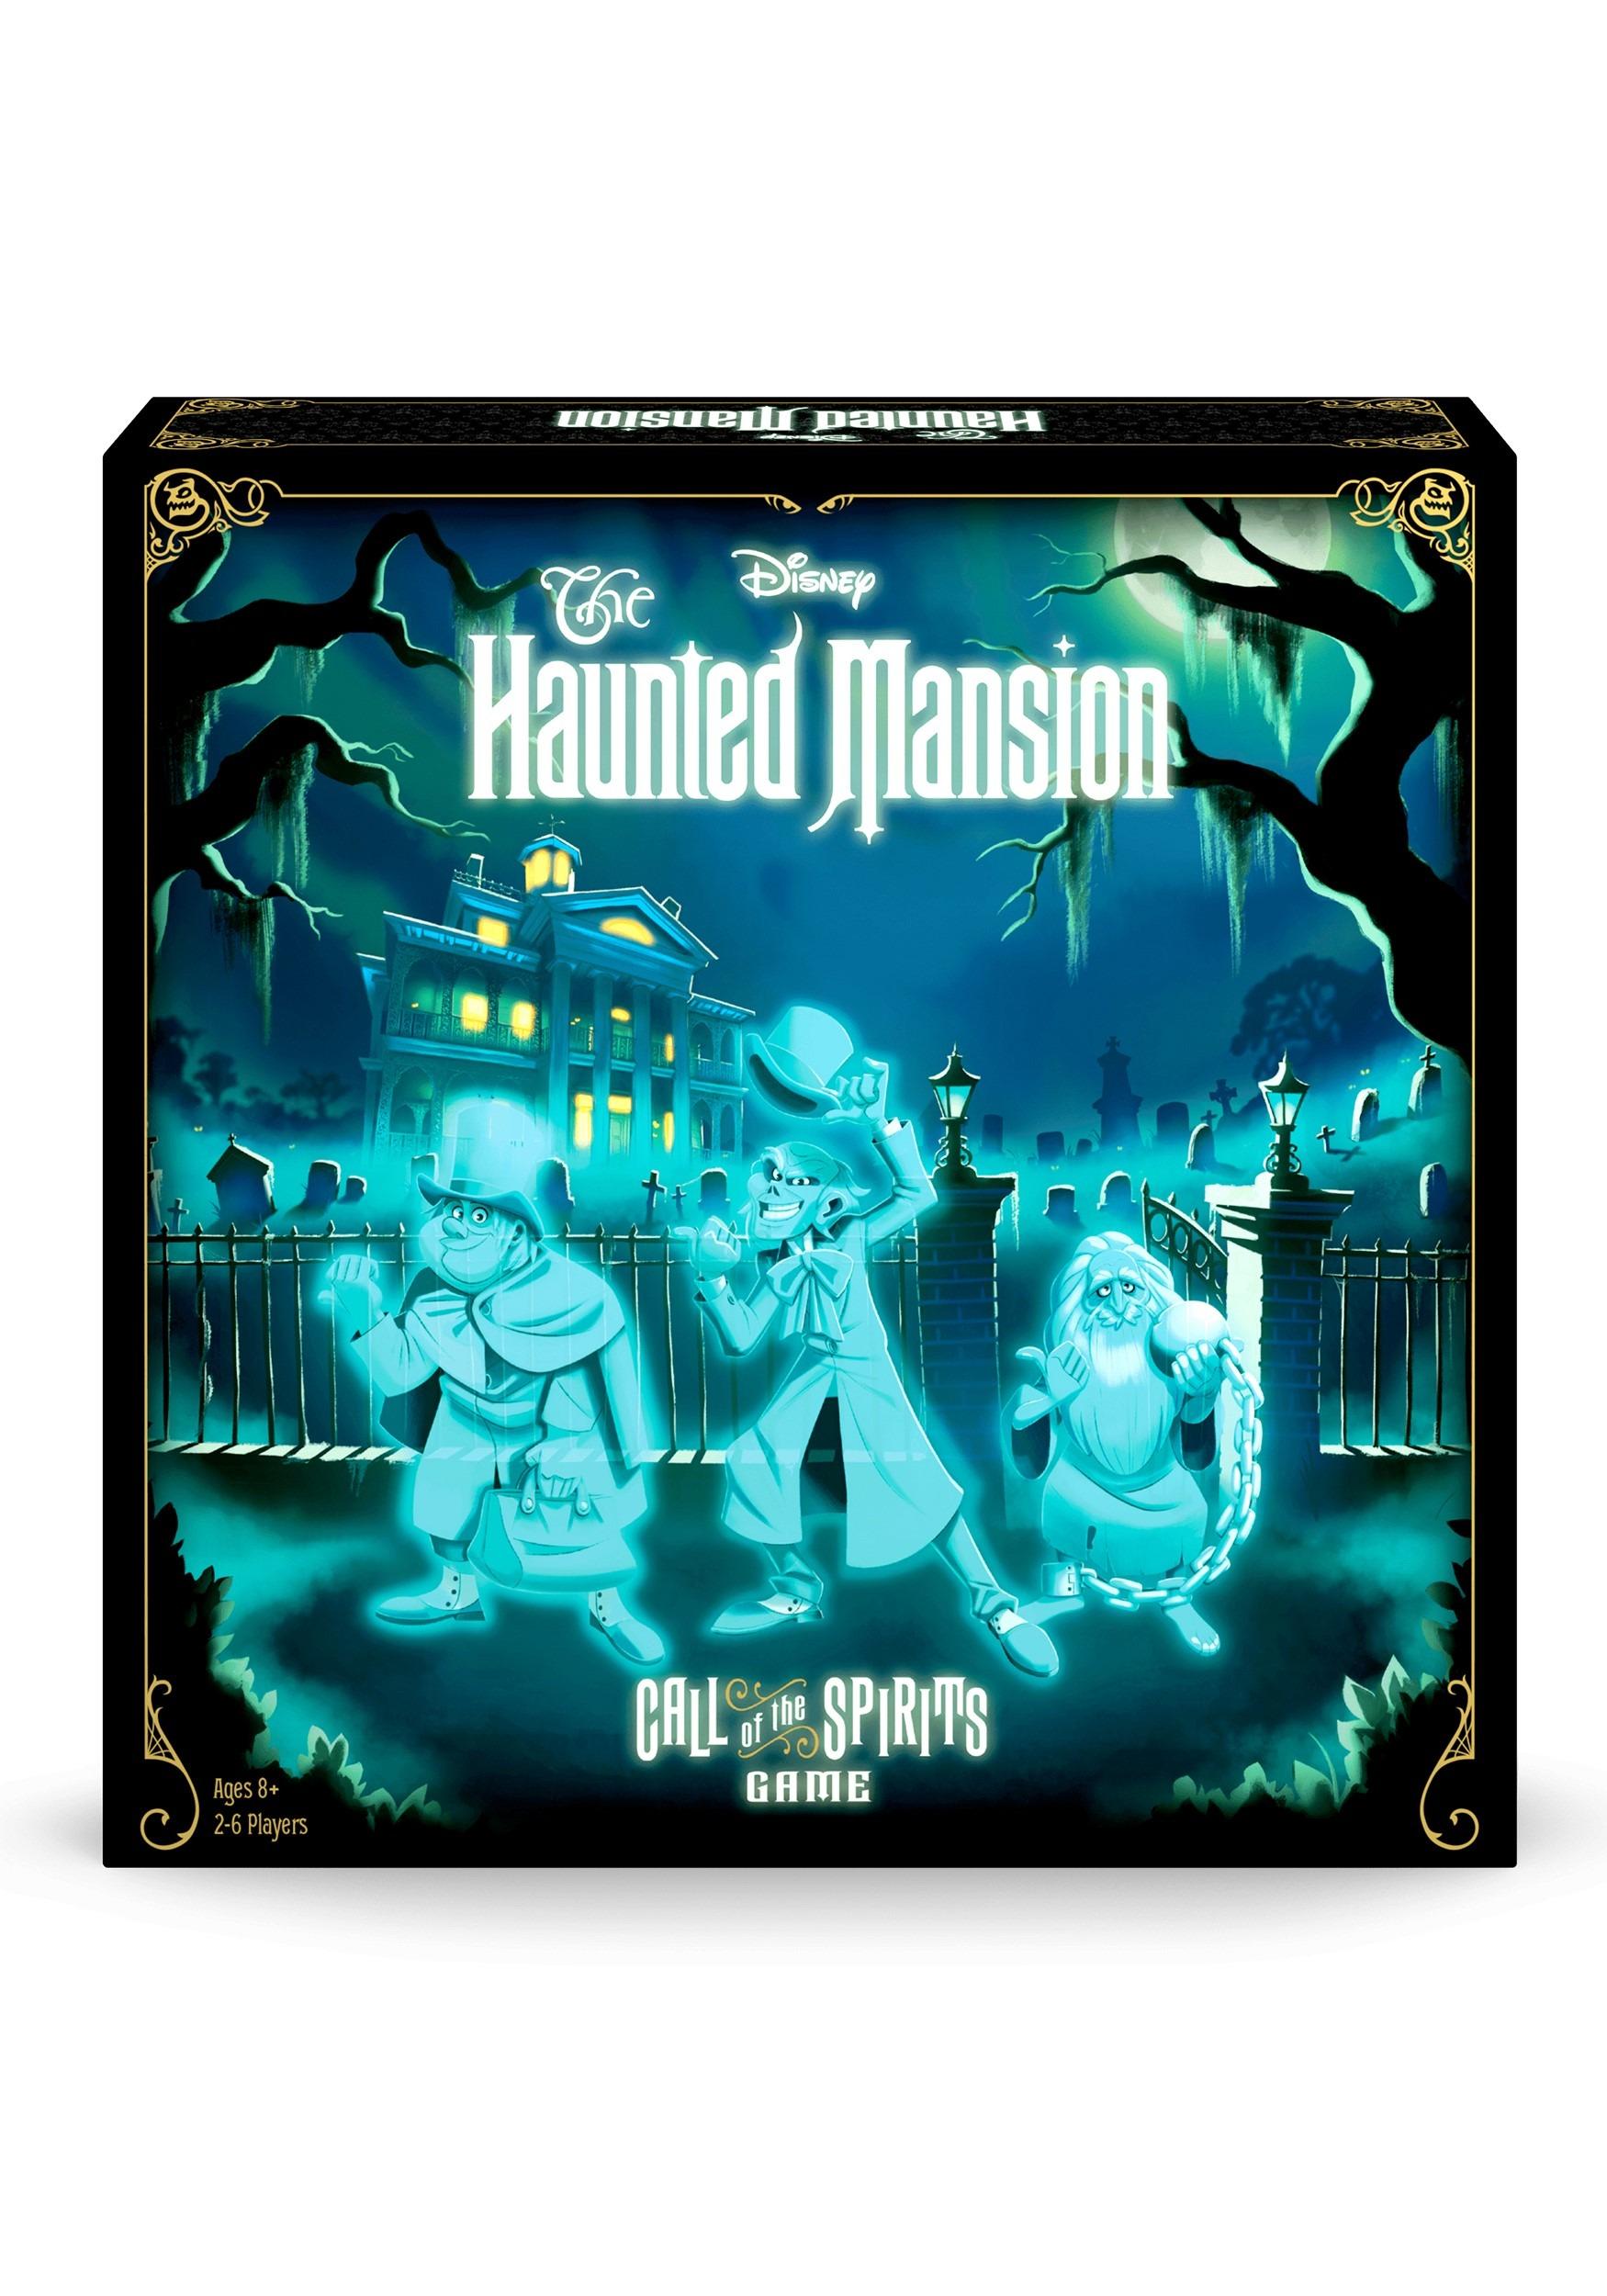 Disney Signature Games: Haunted Mansion